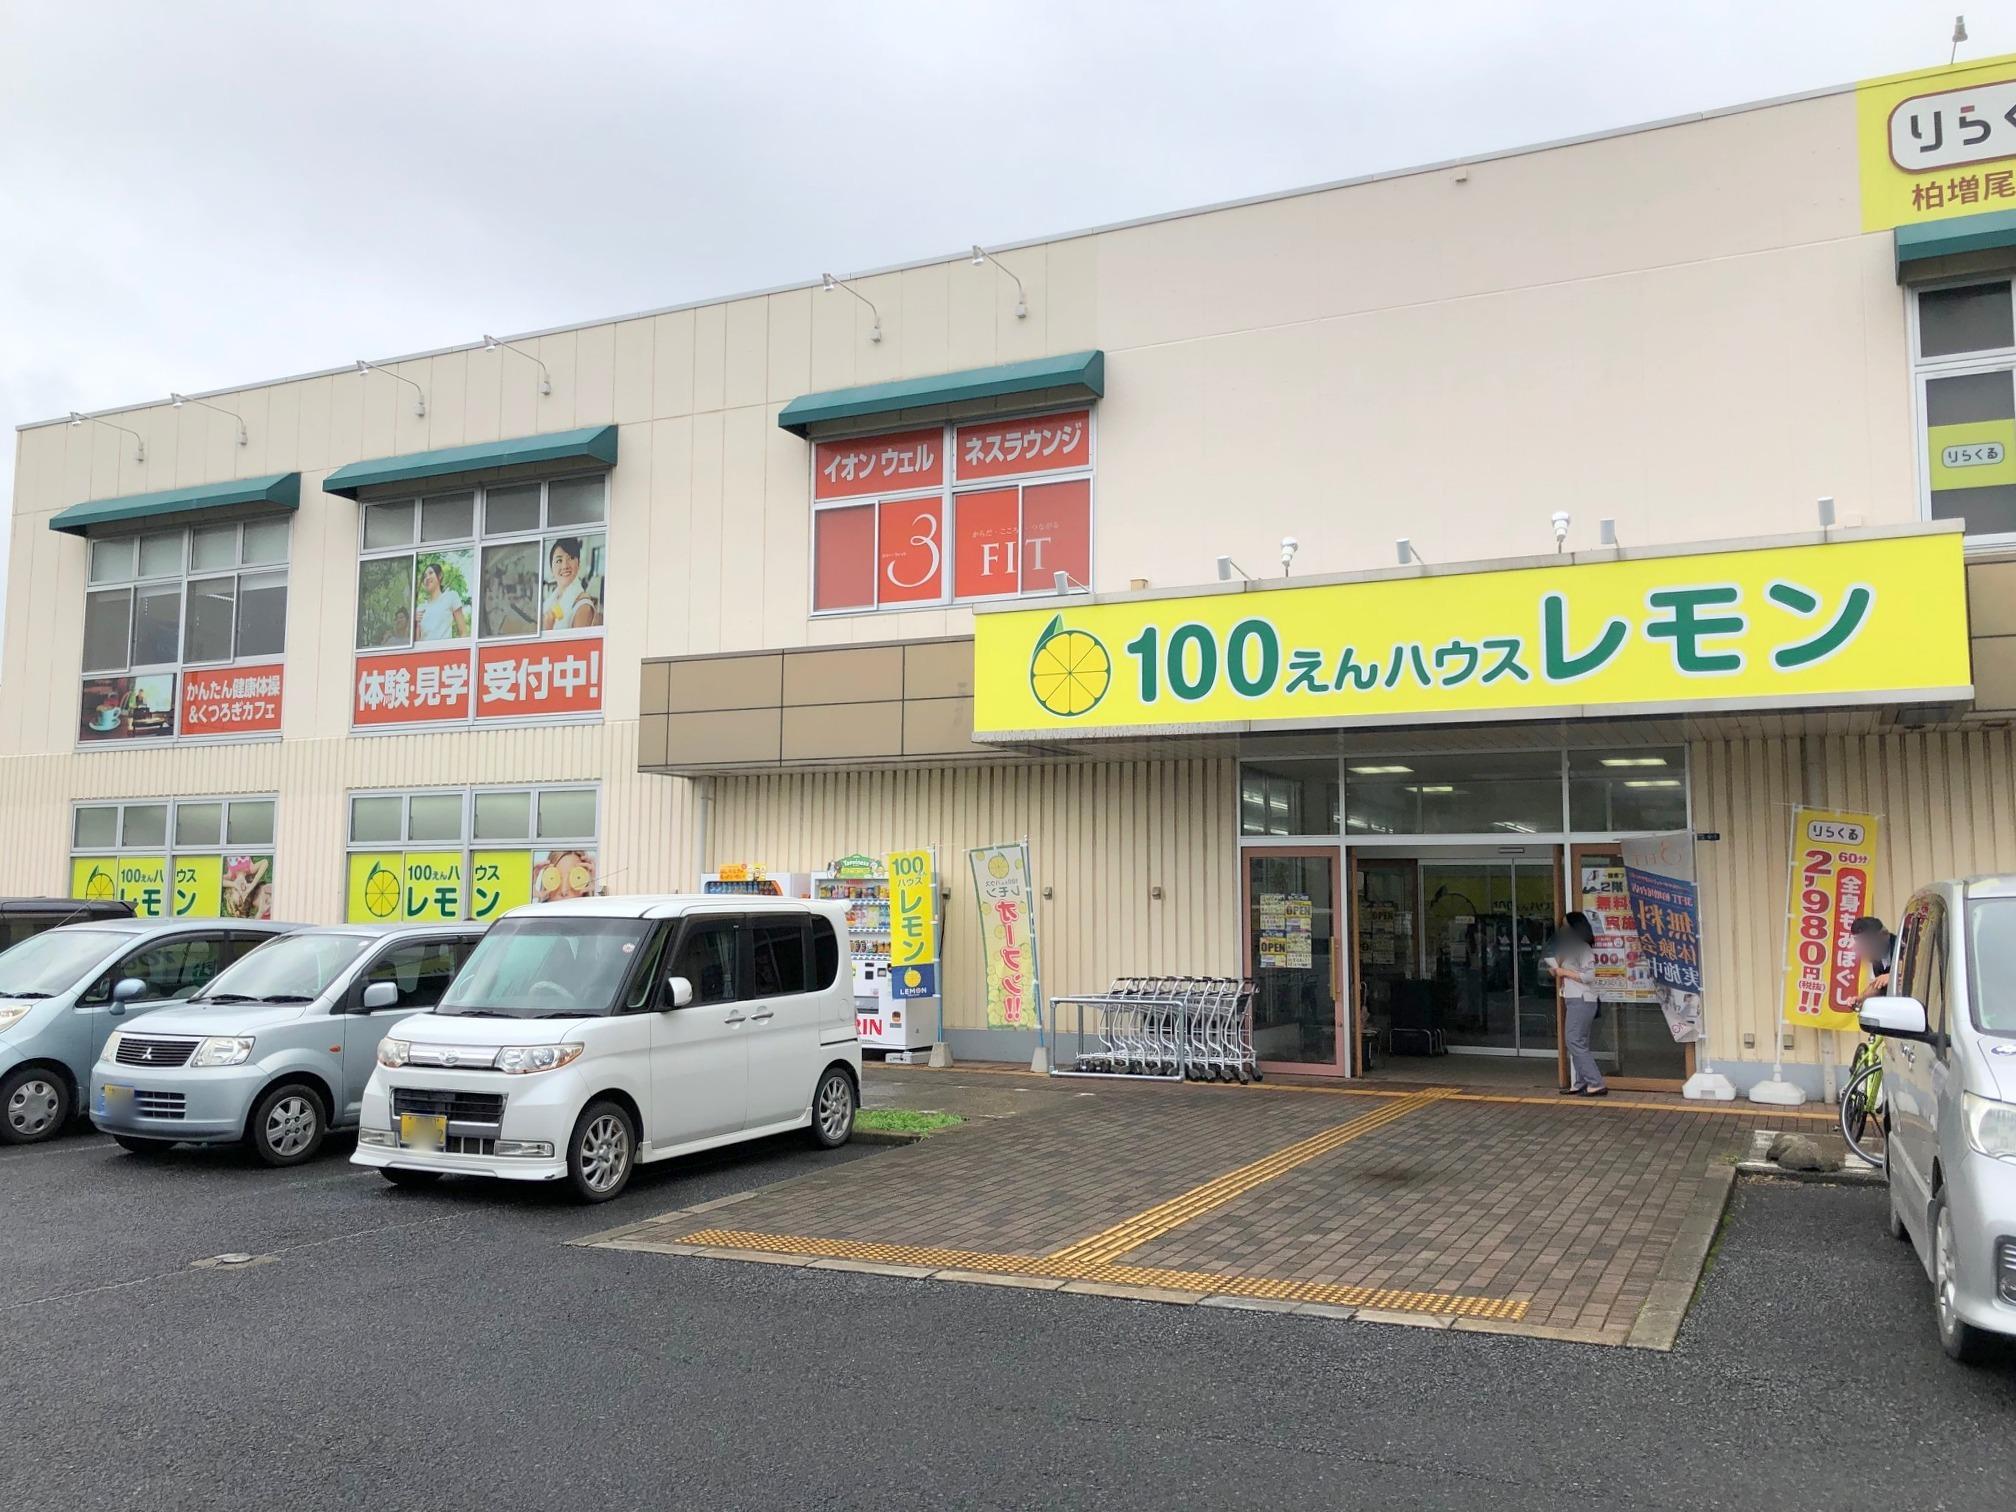 ショッピング施設:100円ハウスレモン 544m